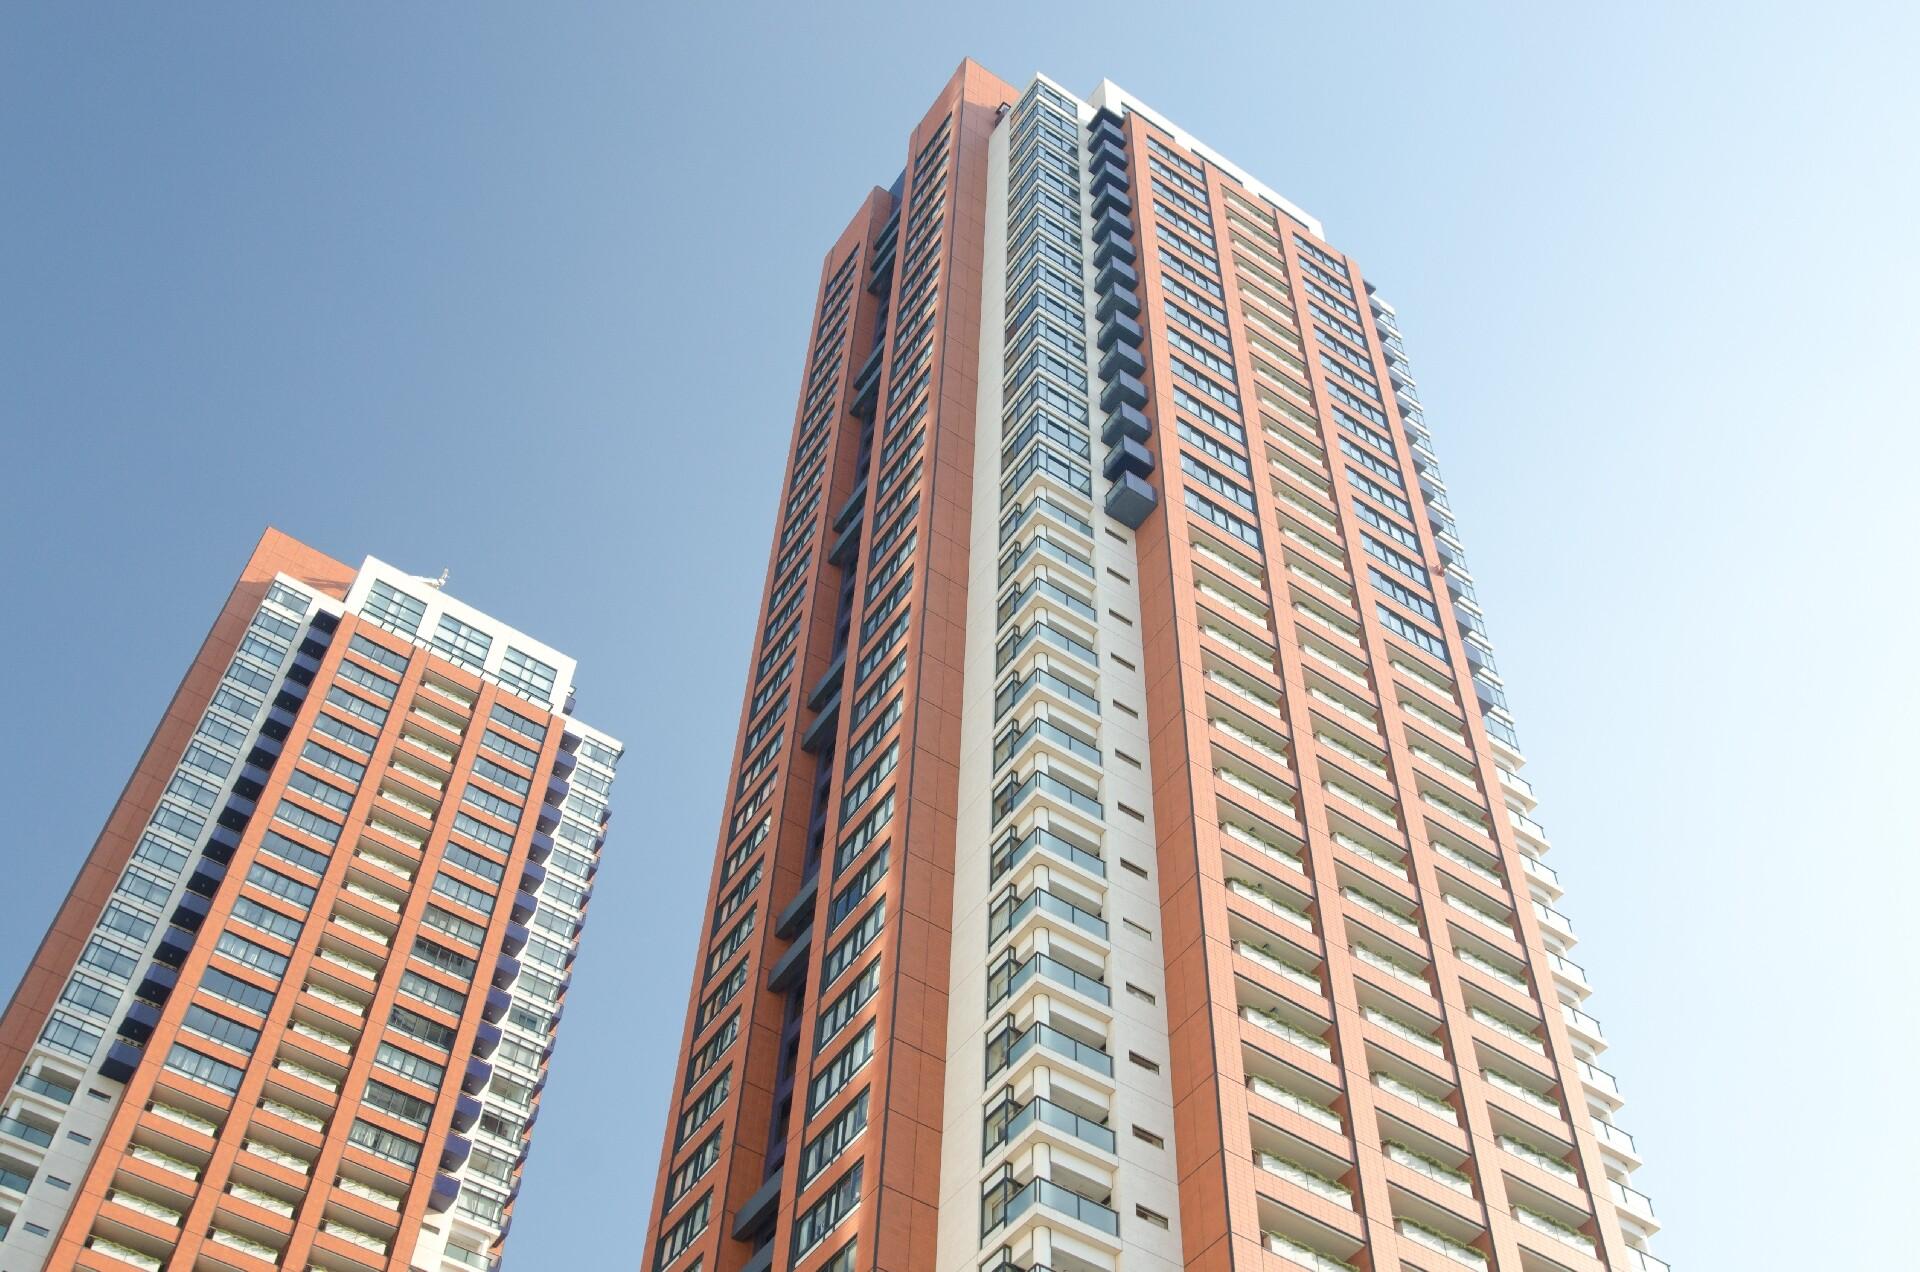 港区のポスティング不可である高級マンション・高層タワーマンションにもチラシ広告をお届けします